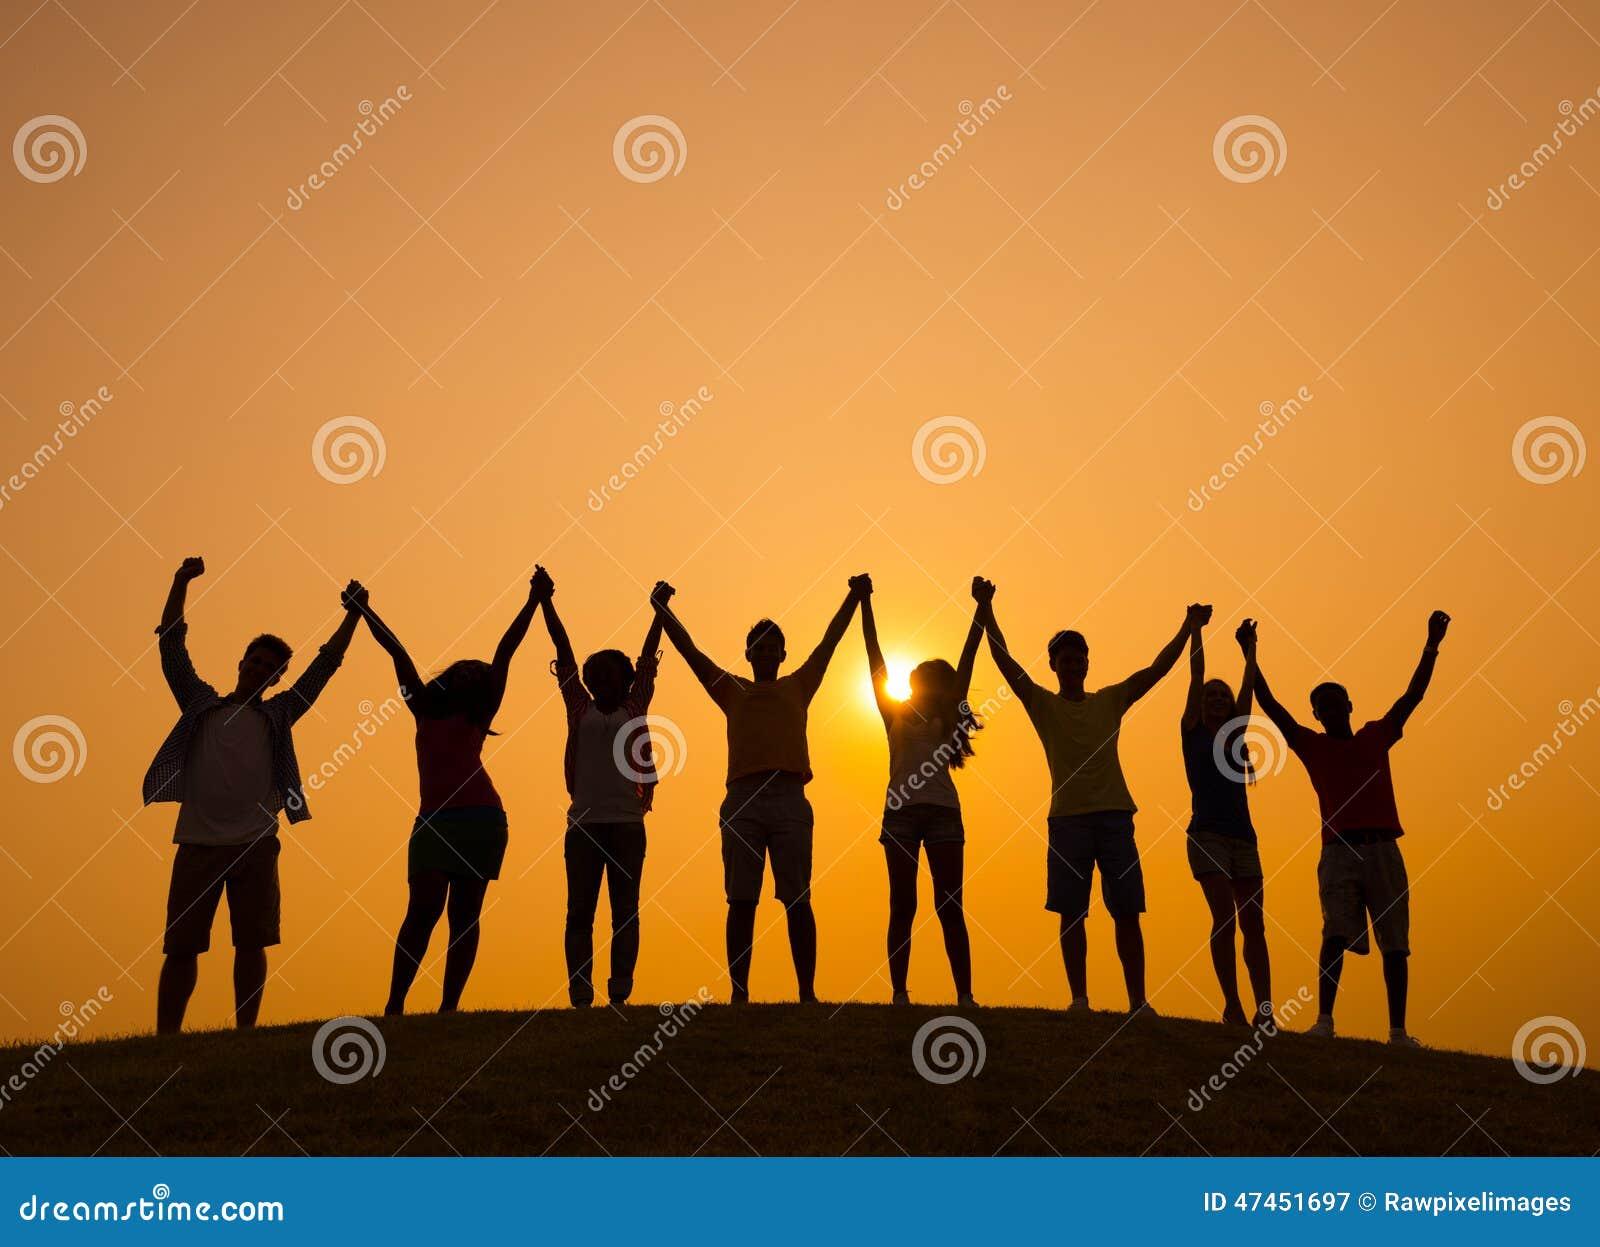 Freundschafts-Leute-Zusammengehörigkeits-Glück-draußen Konzept